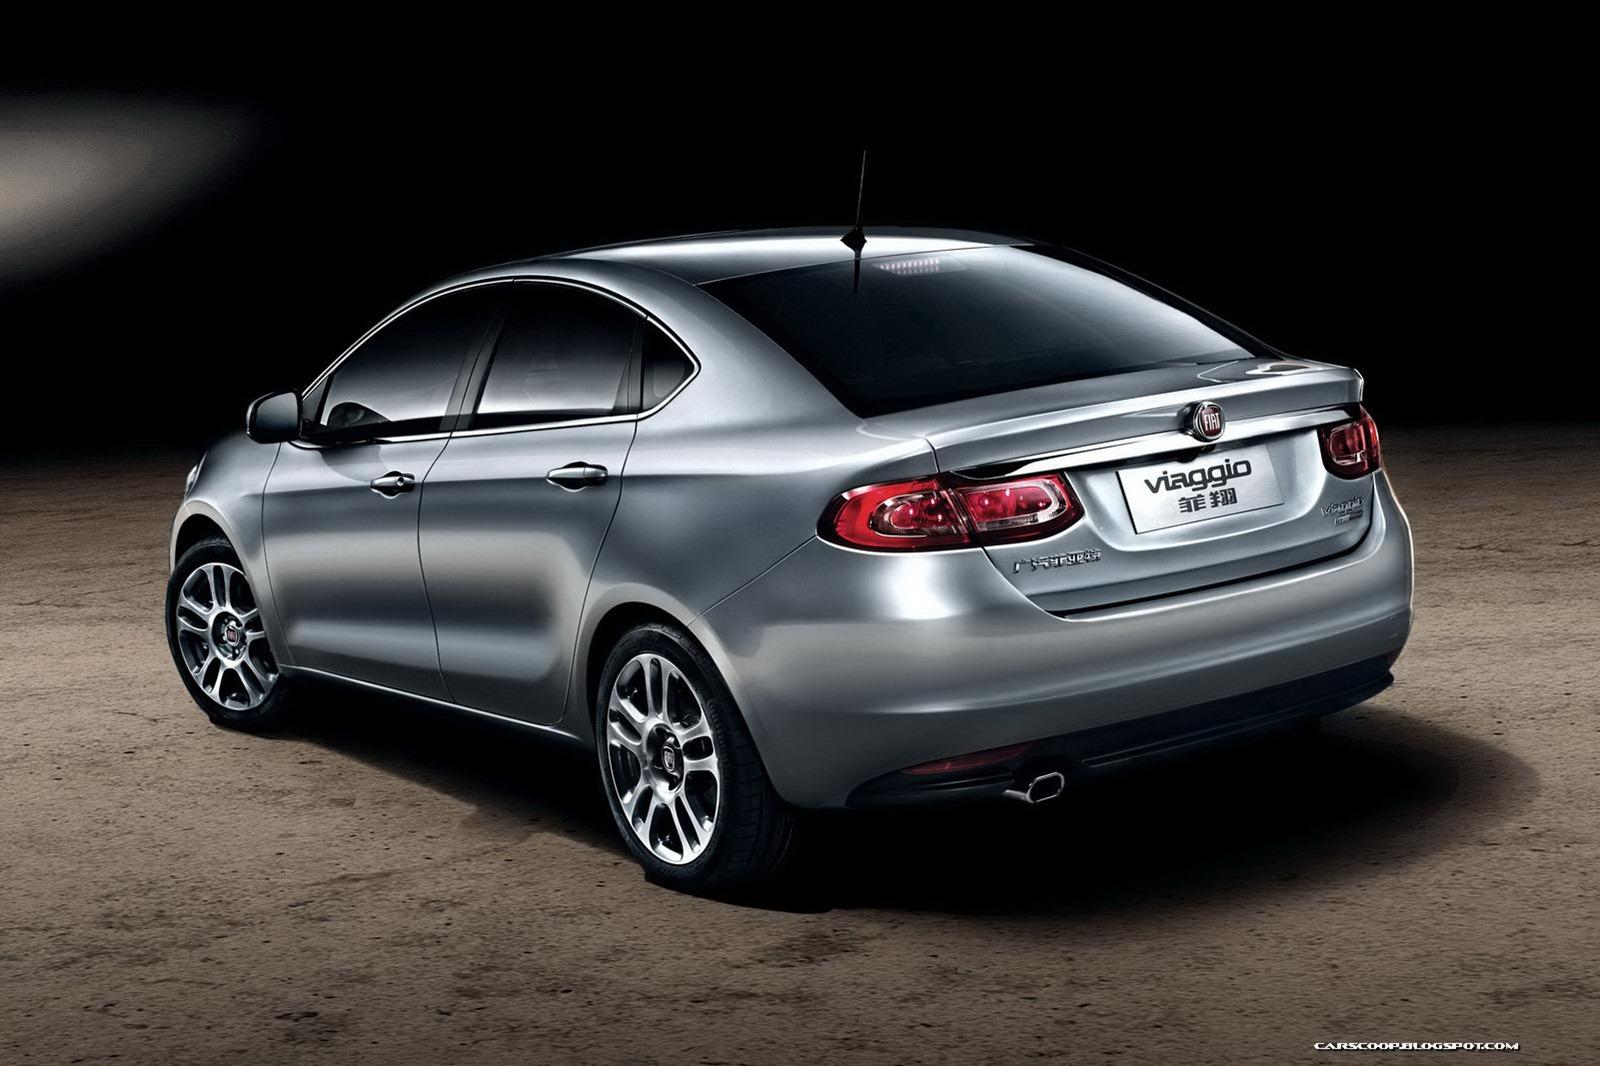 Fiat Viaggio Sedan Rolls Off The Production Line In China More